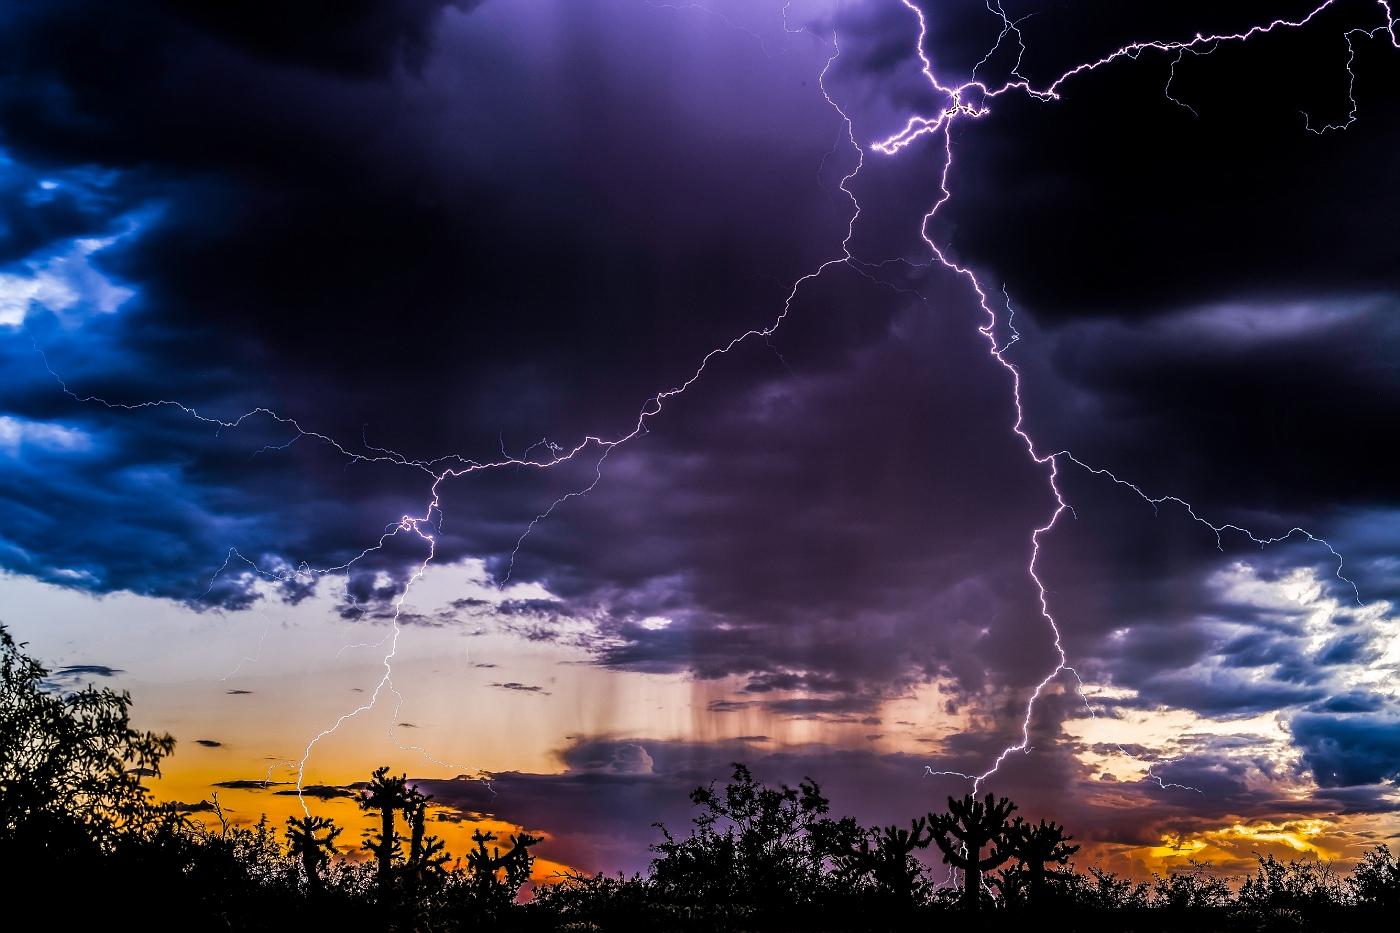 Close sunset lightning